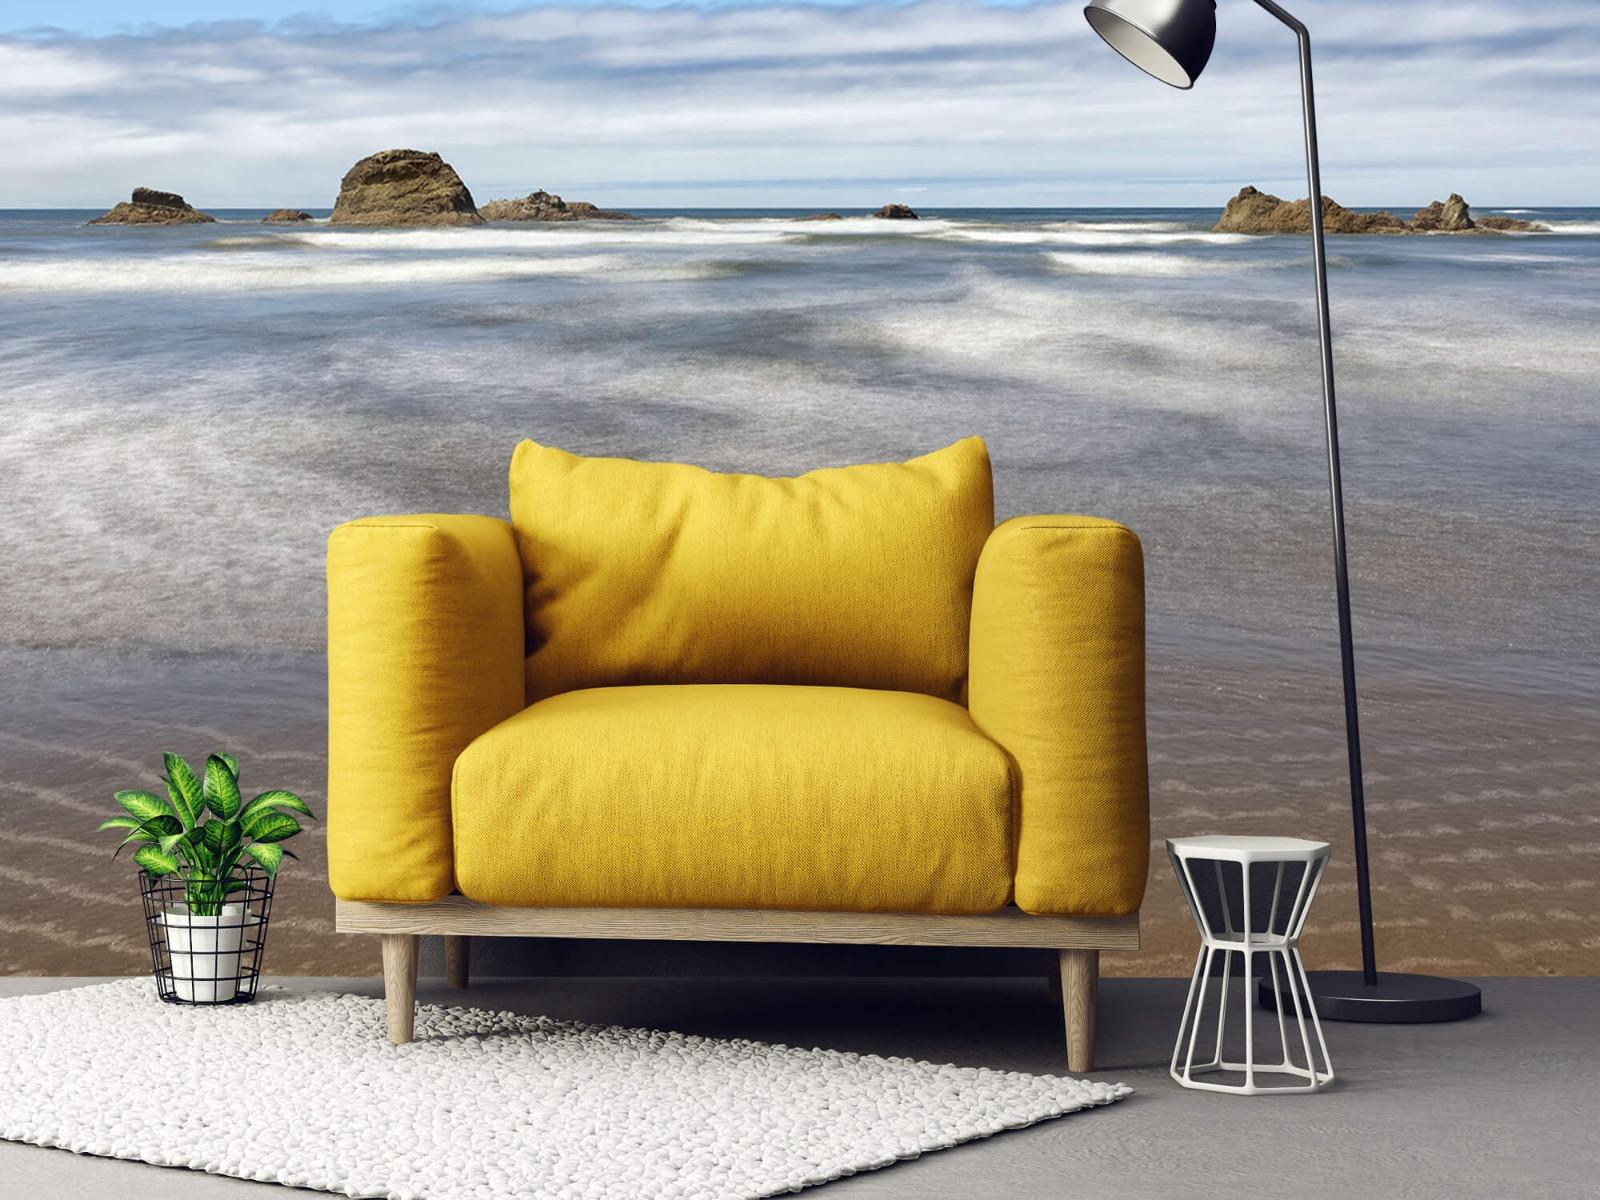 Zeeën en Oceanen - Strand met rotsen - Slaapkamer 22